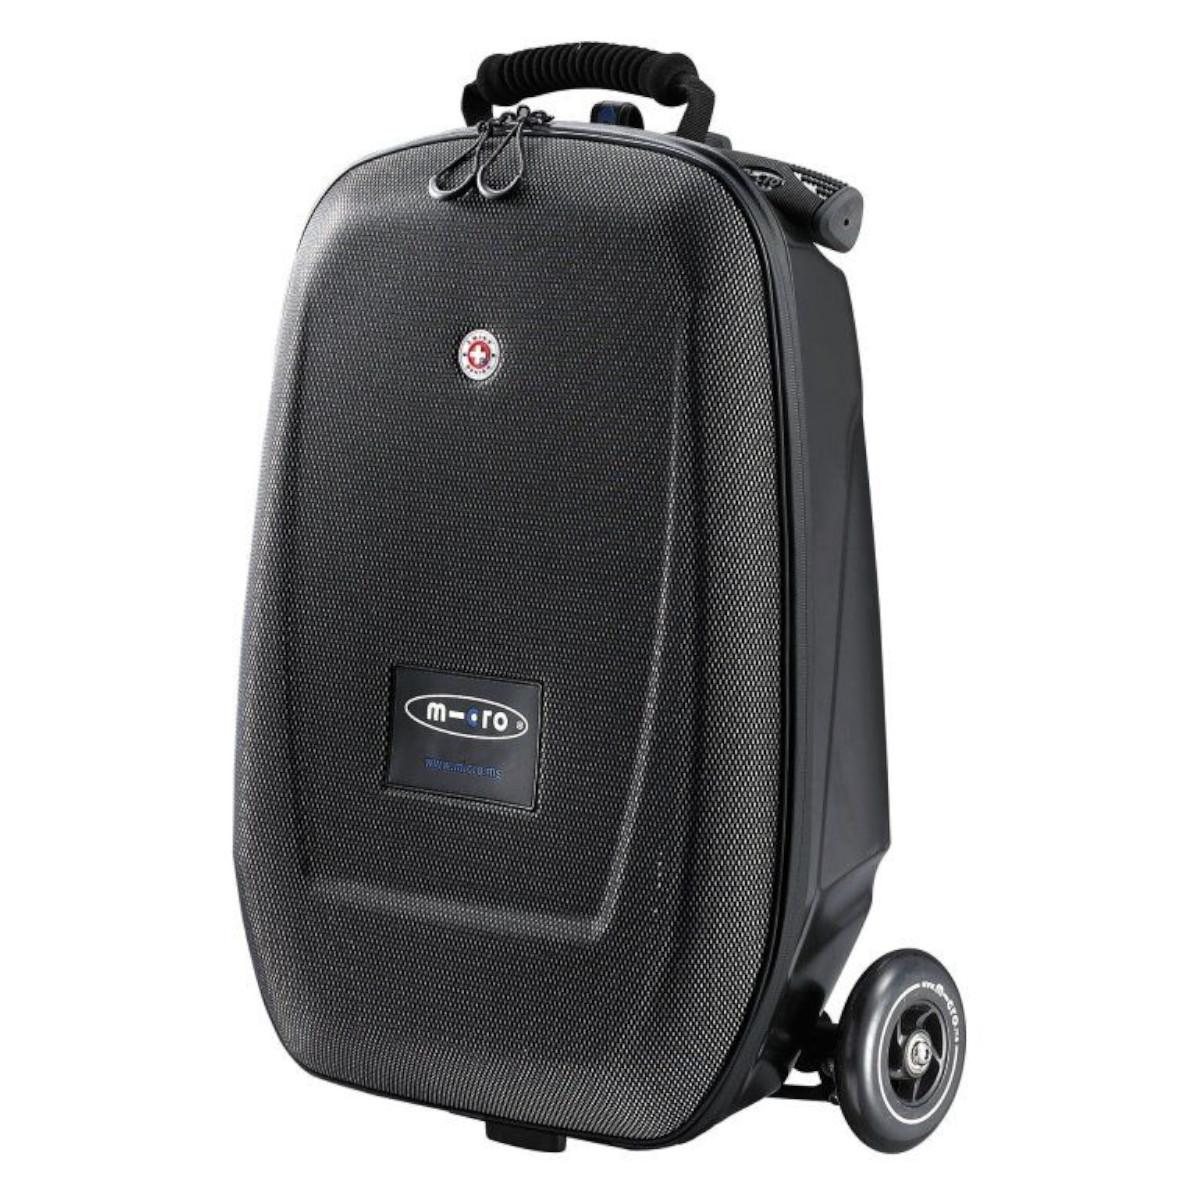 Micro Luggage II - 02